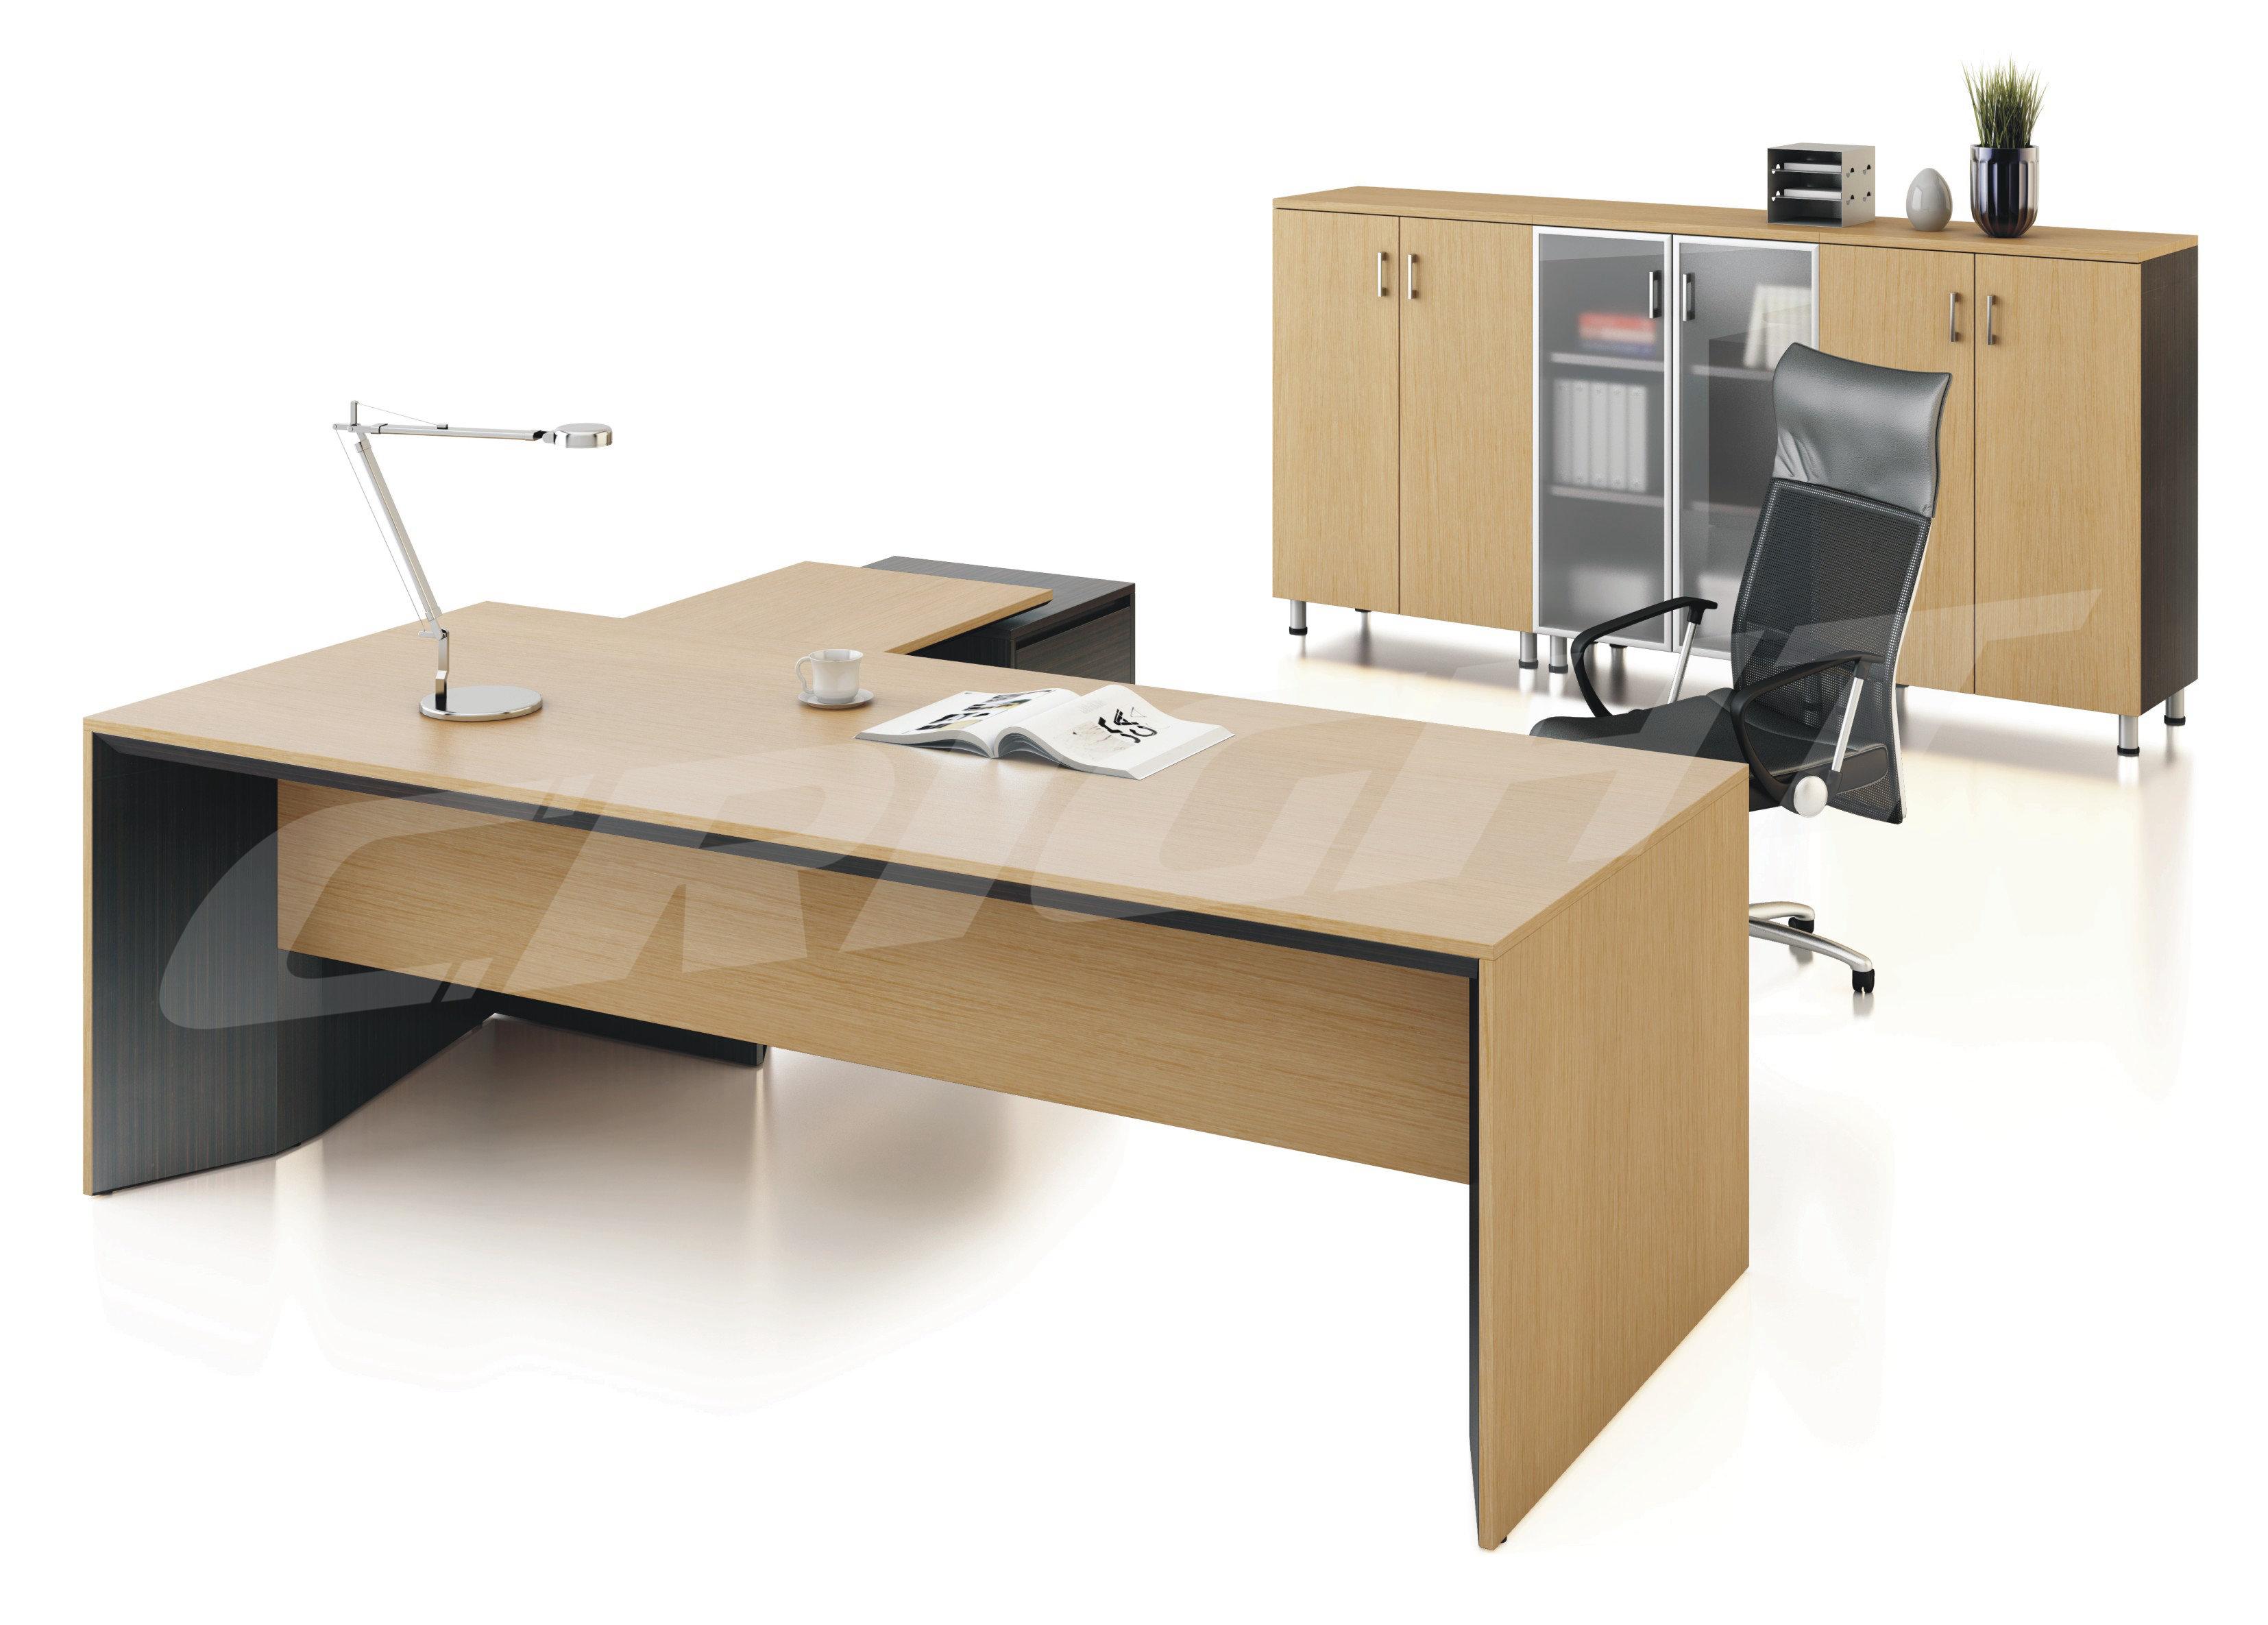 柯睿达实木办公桌|大班台|老板桌-广州柯睿达办公